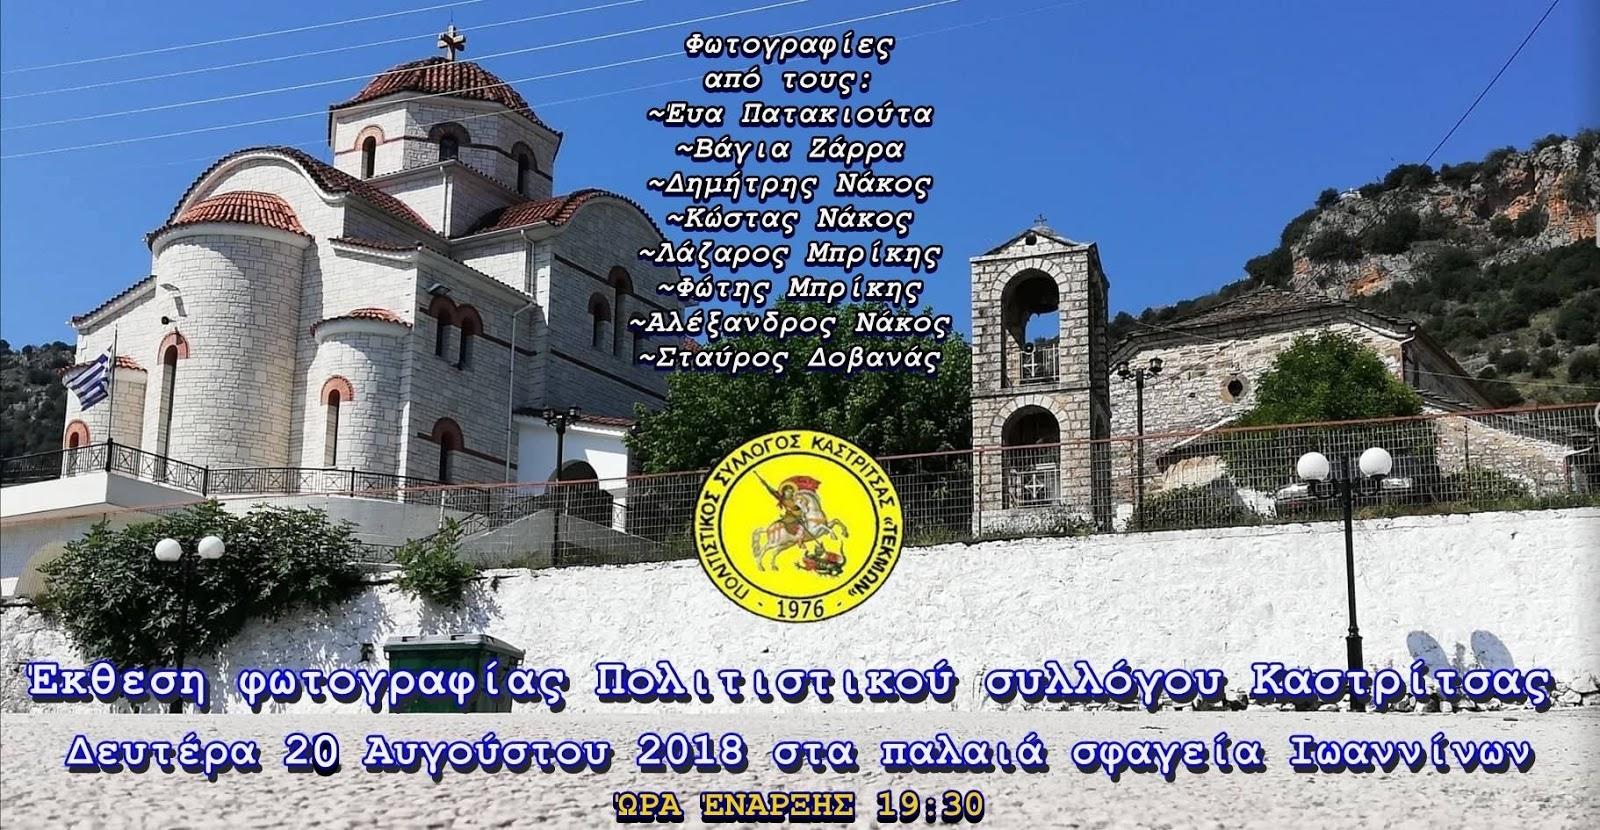 Ιωάννινα:Οι νέοι απο την Καστρίτσα ..προβάλλουν  τις ομορφιές του χωριού ..με τις φωτογραφίες τους!